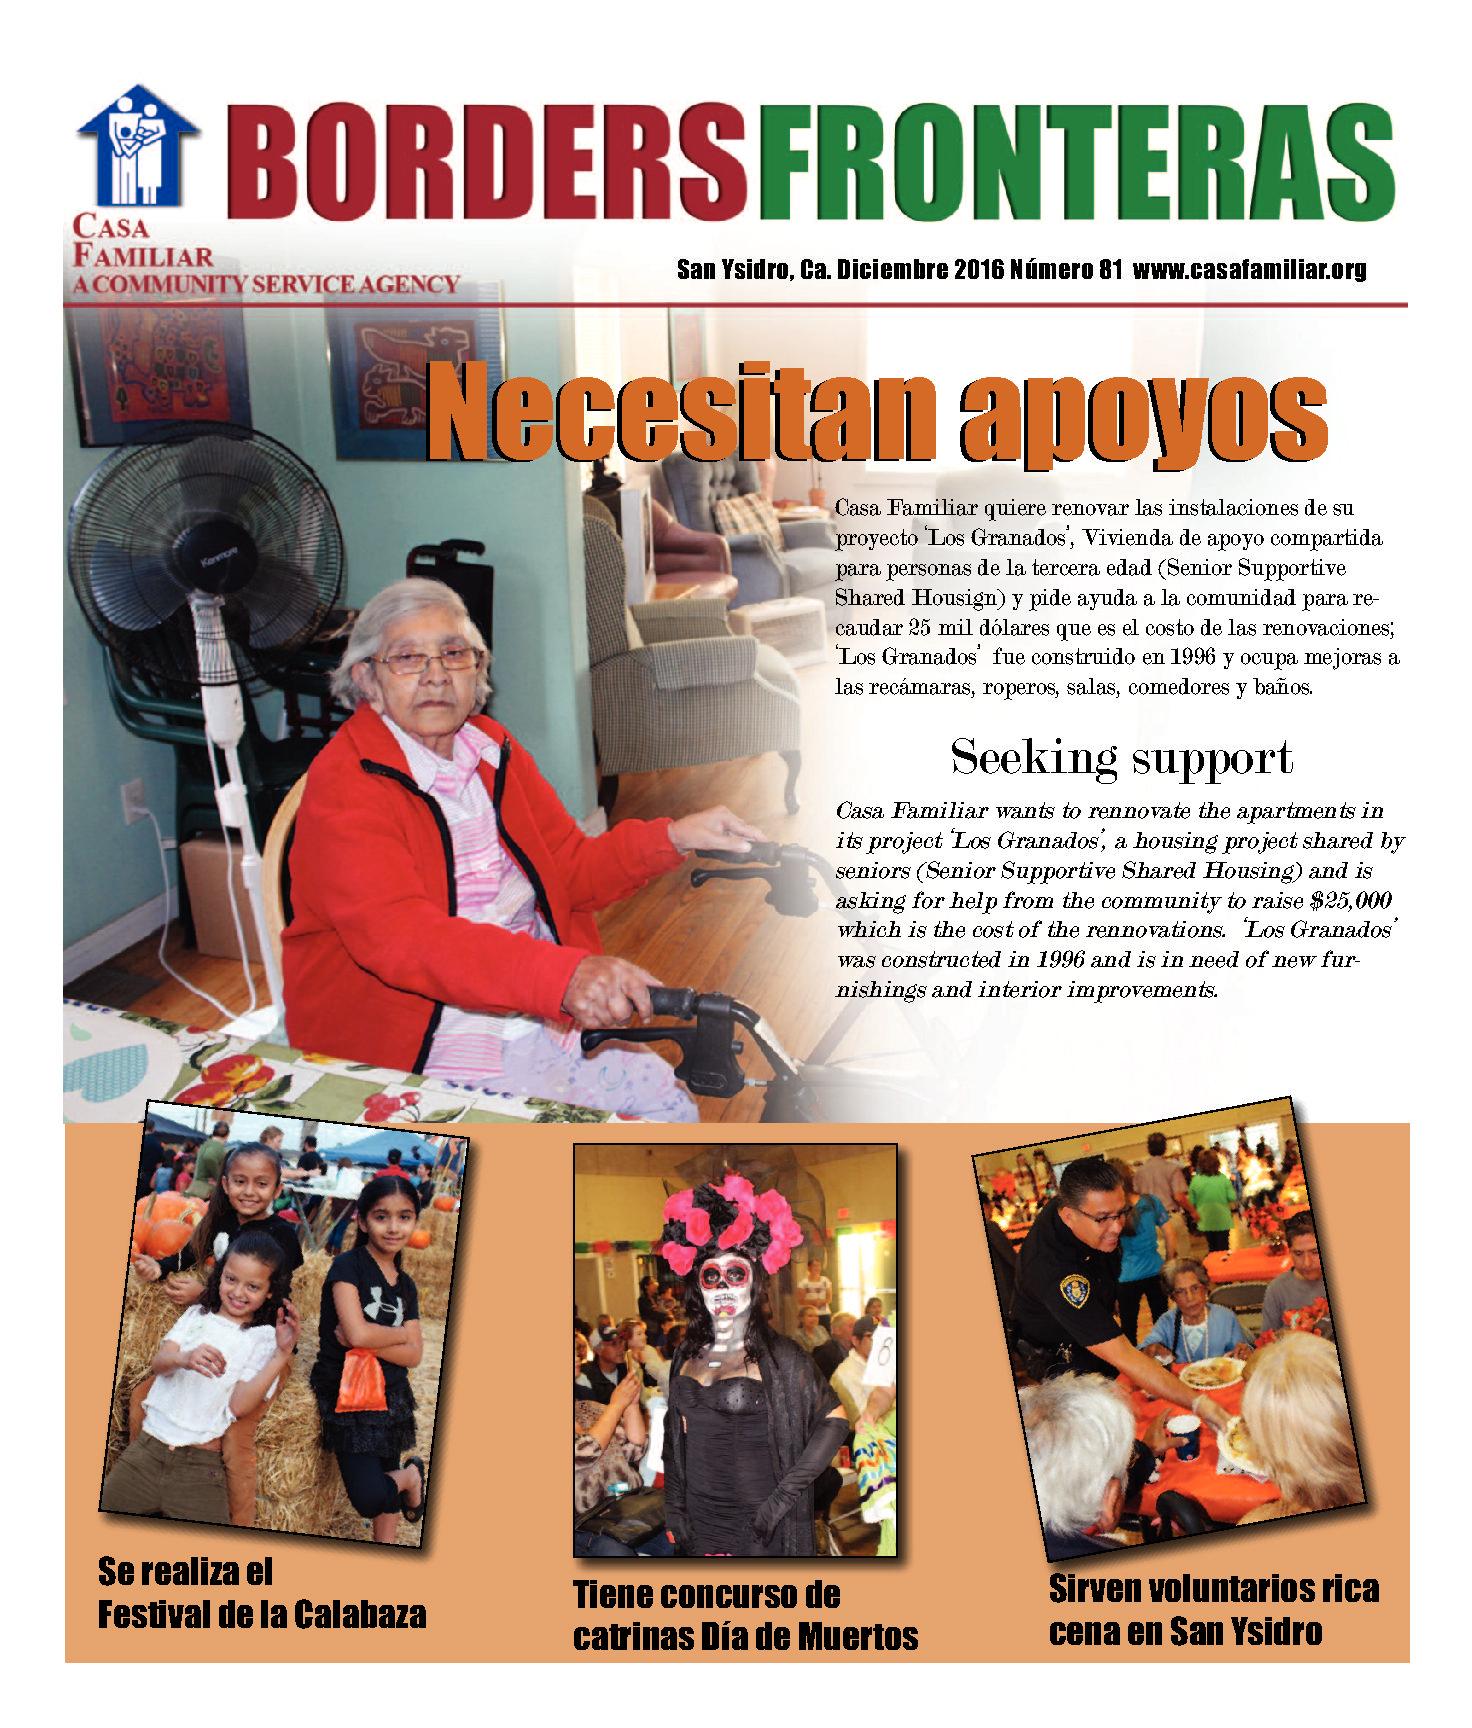 Fronteras / Borders